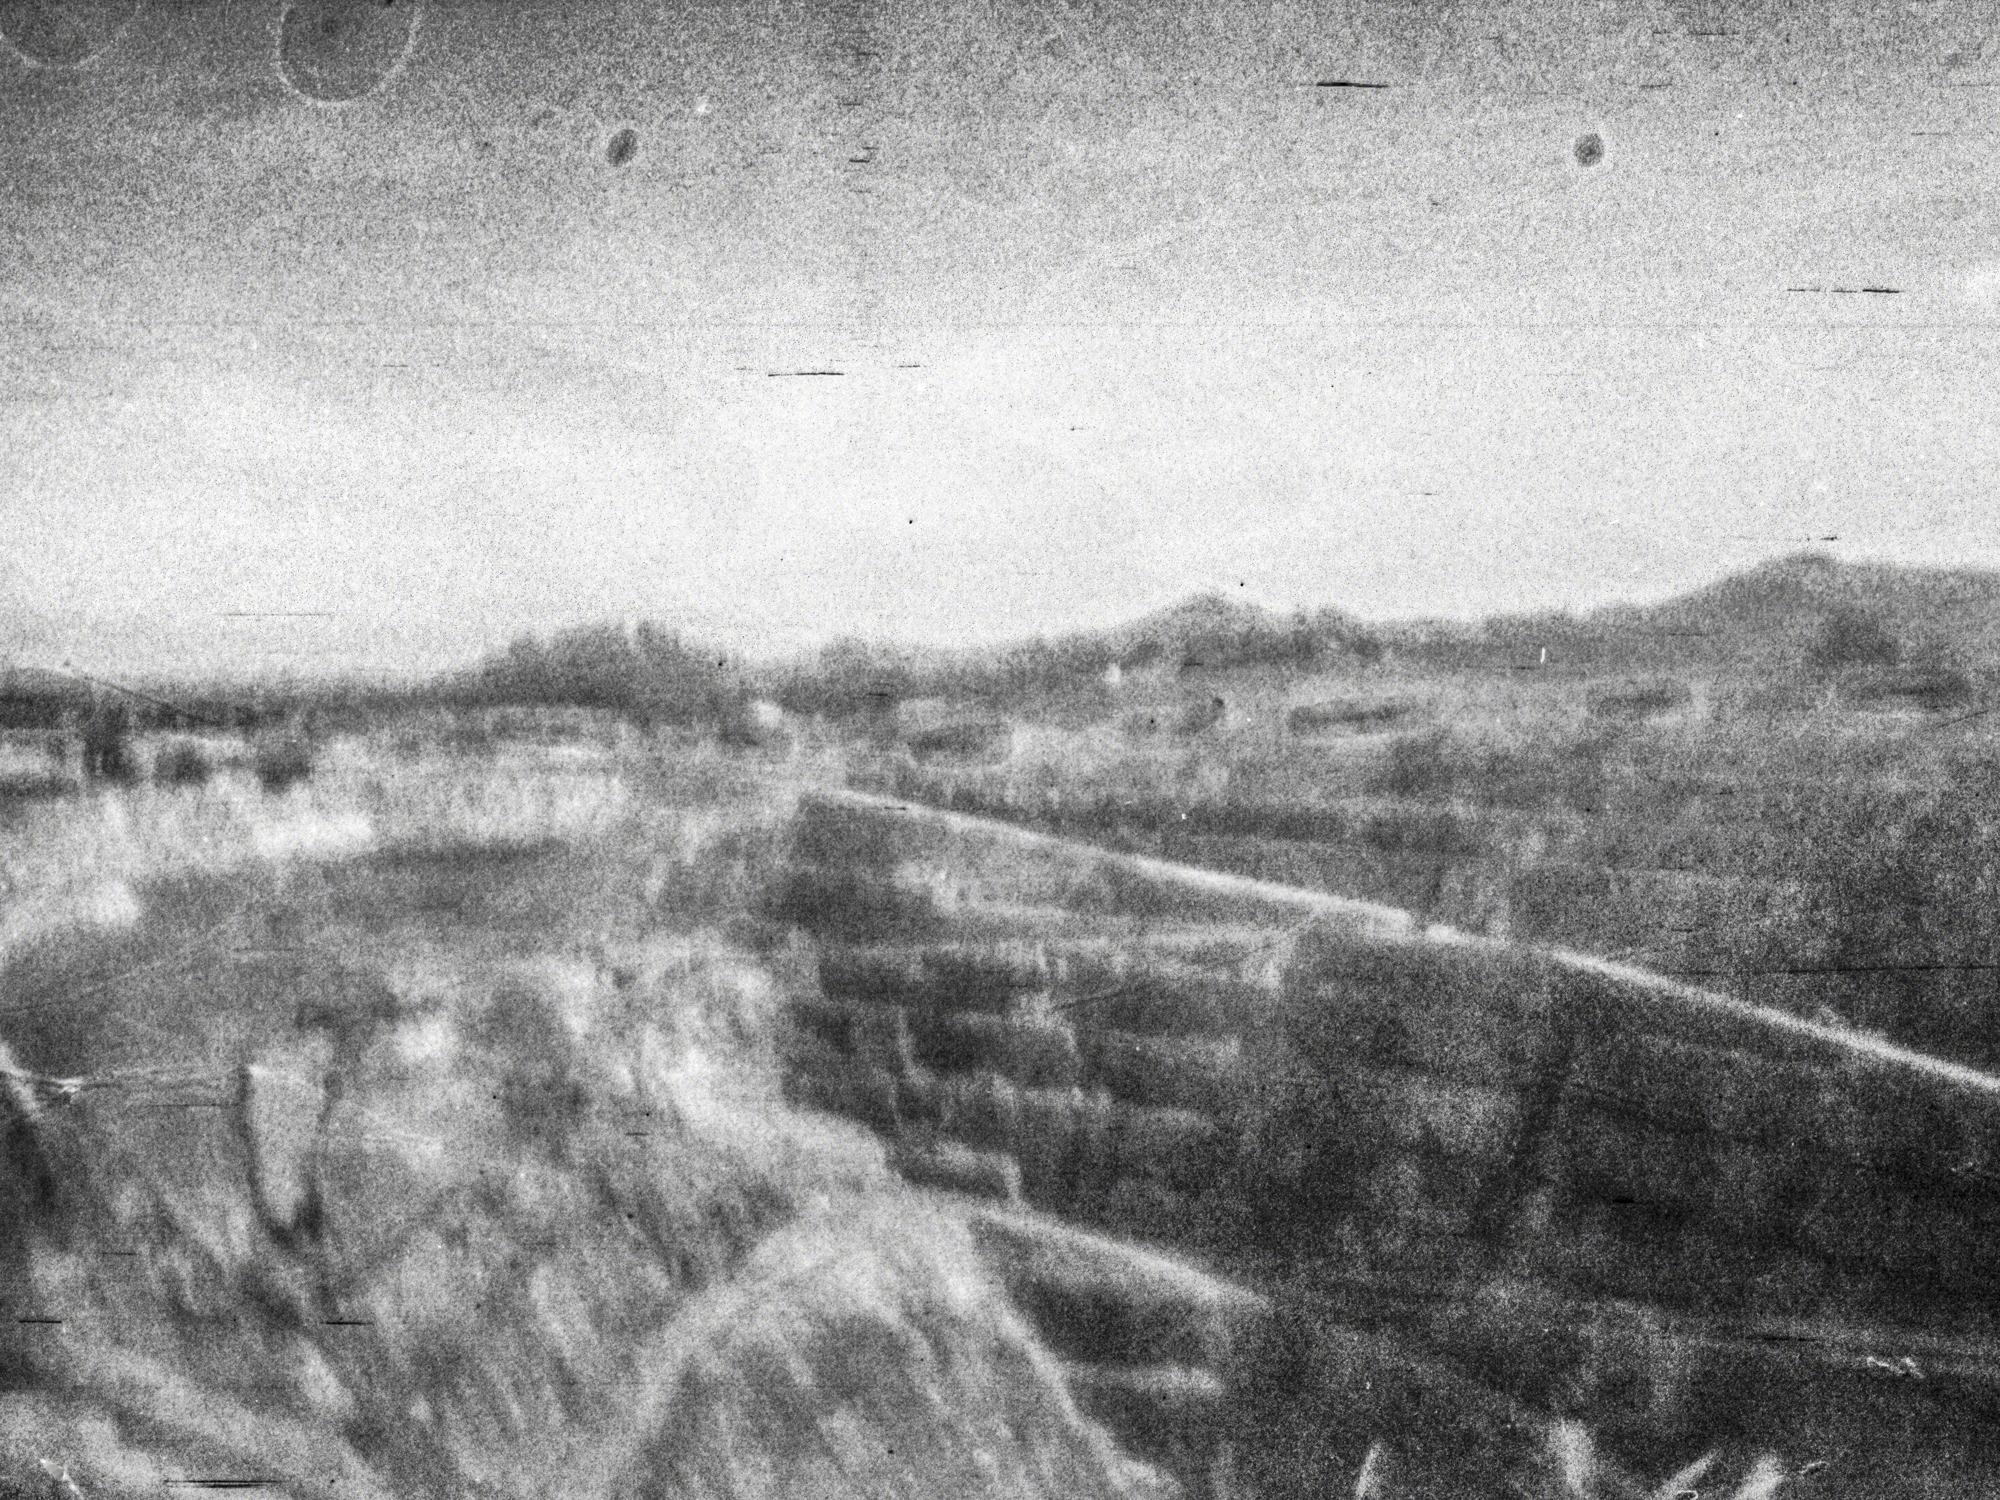 DefinetheExtent-Mining-HEYDT.jpg